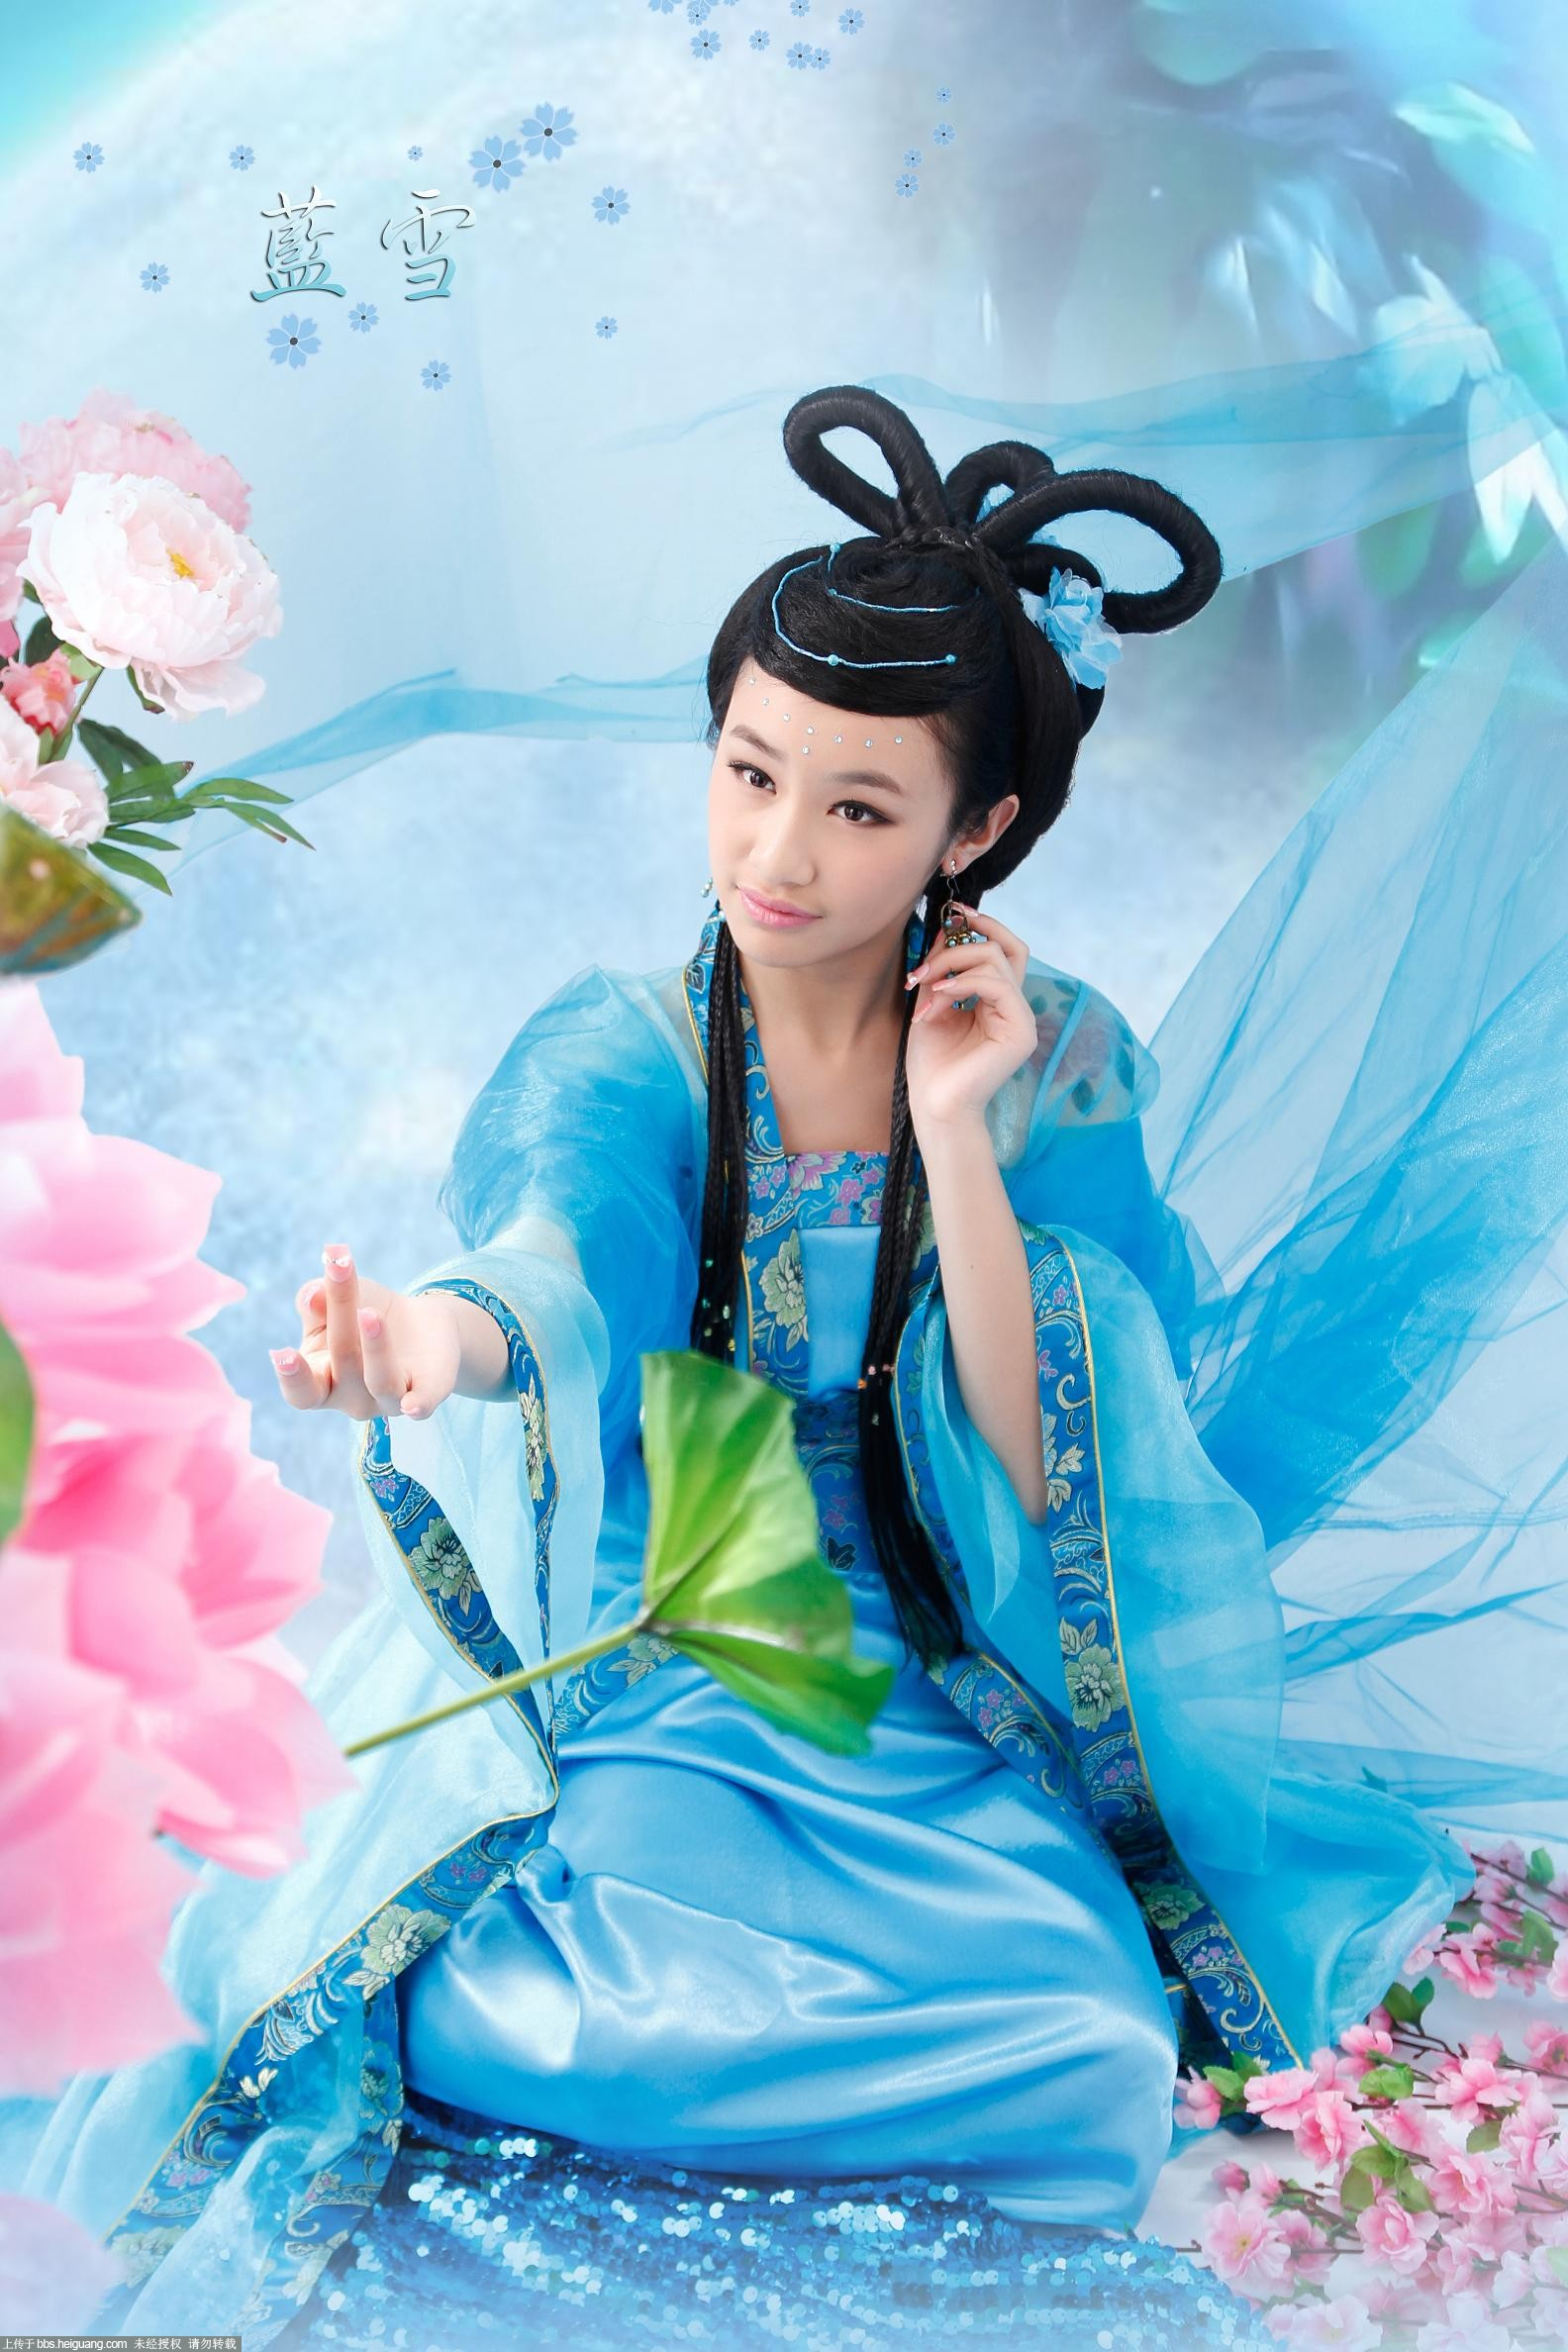 【古韵】蓝雪 - 图片素材 - 华声论坛